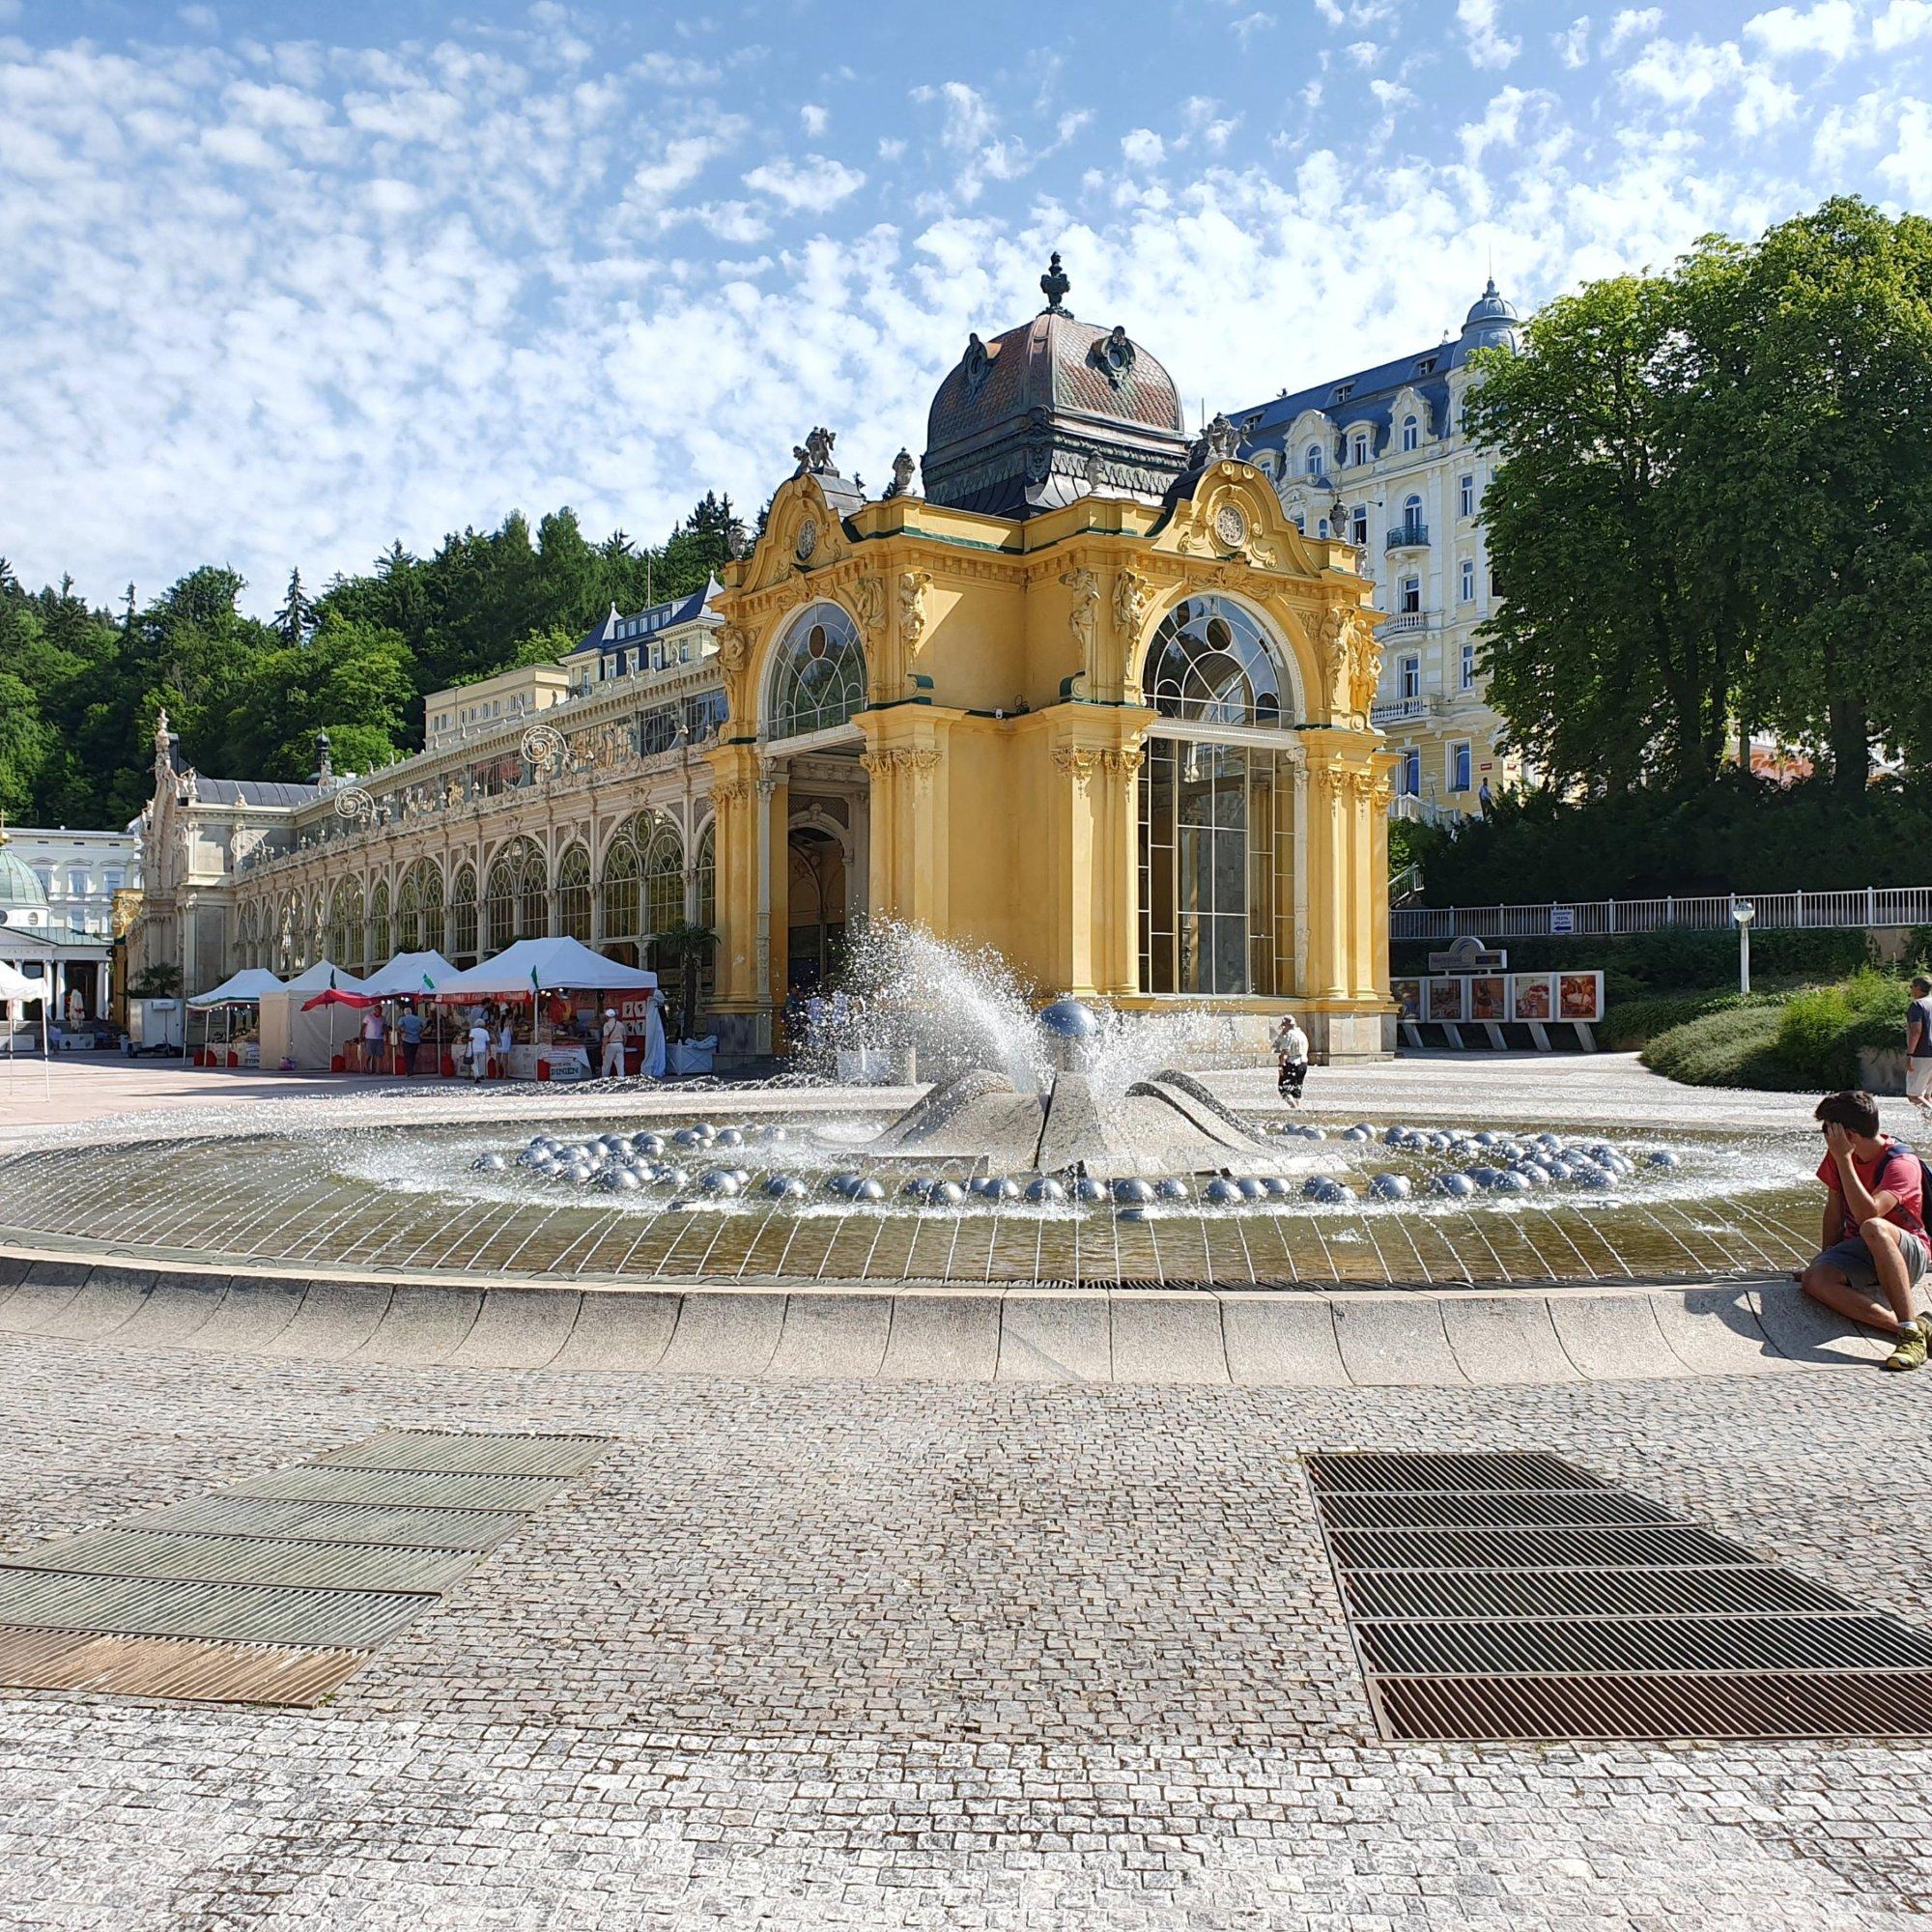 Singing Fountain - Zpívající fontána (and a cute boy)